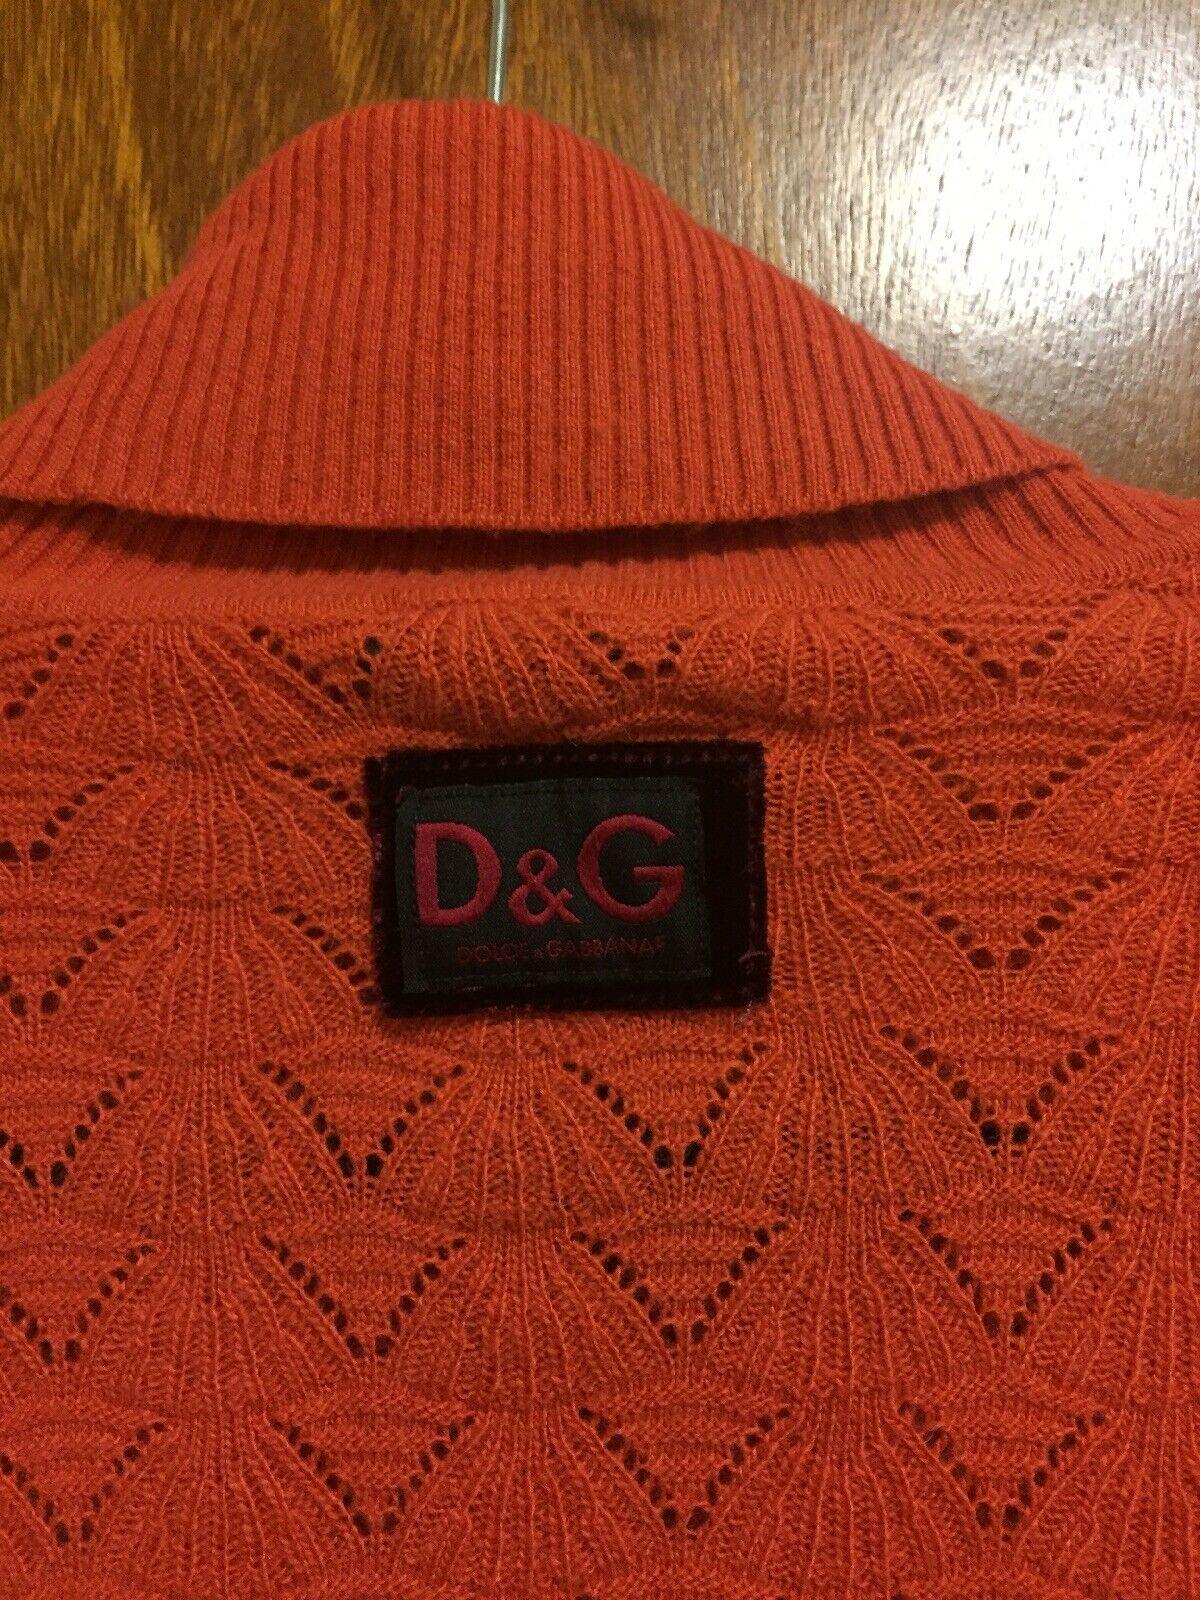 D&G DOLCE & GABBANA Wool Blend Turtleneck Knit Sw… - image 4